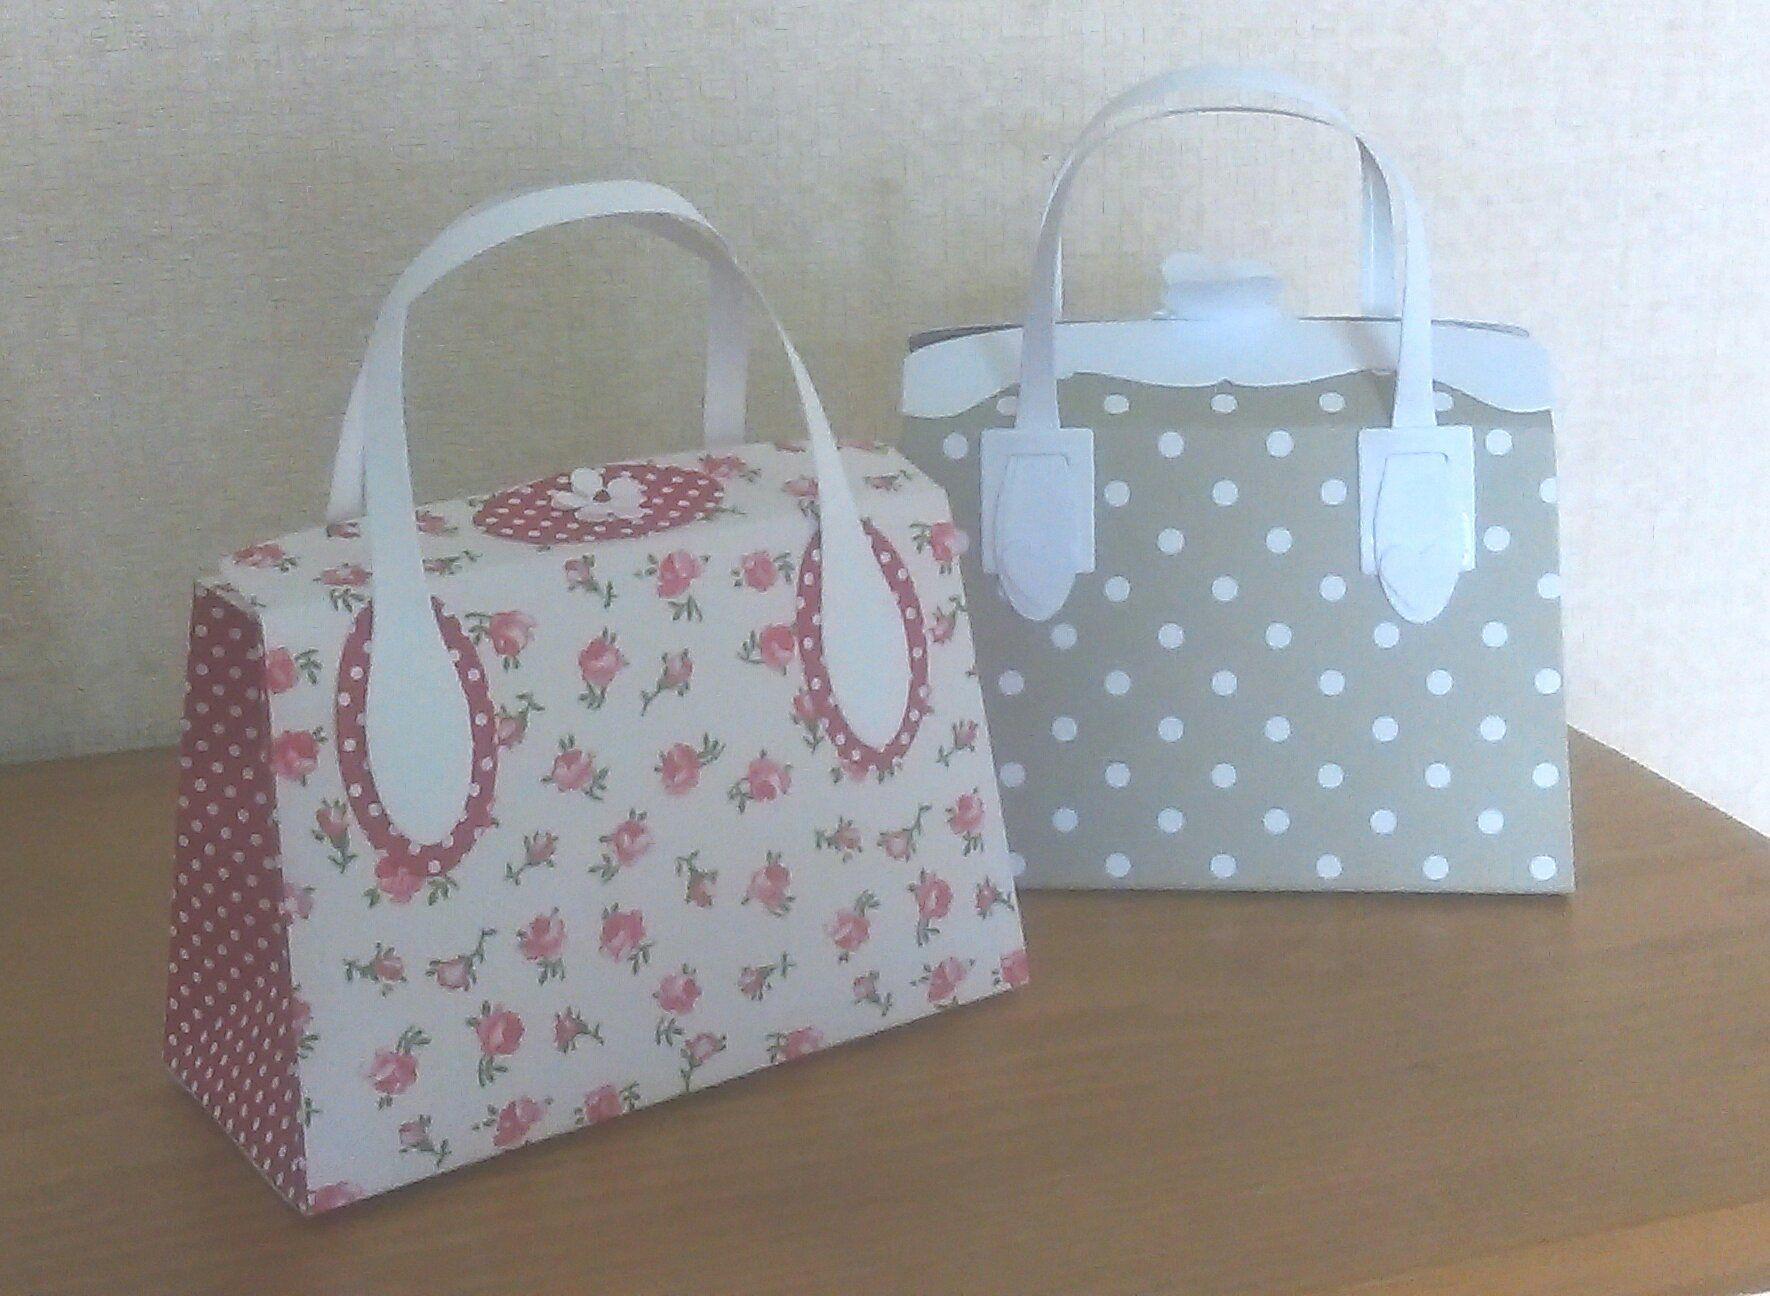 Kensington Bag | PAPER PURSES/BOXES | Pinterest | Bag, Paper purse ...